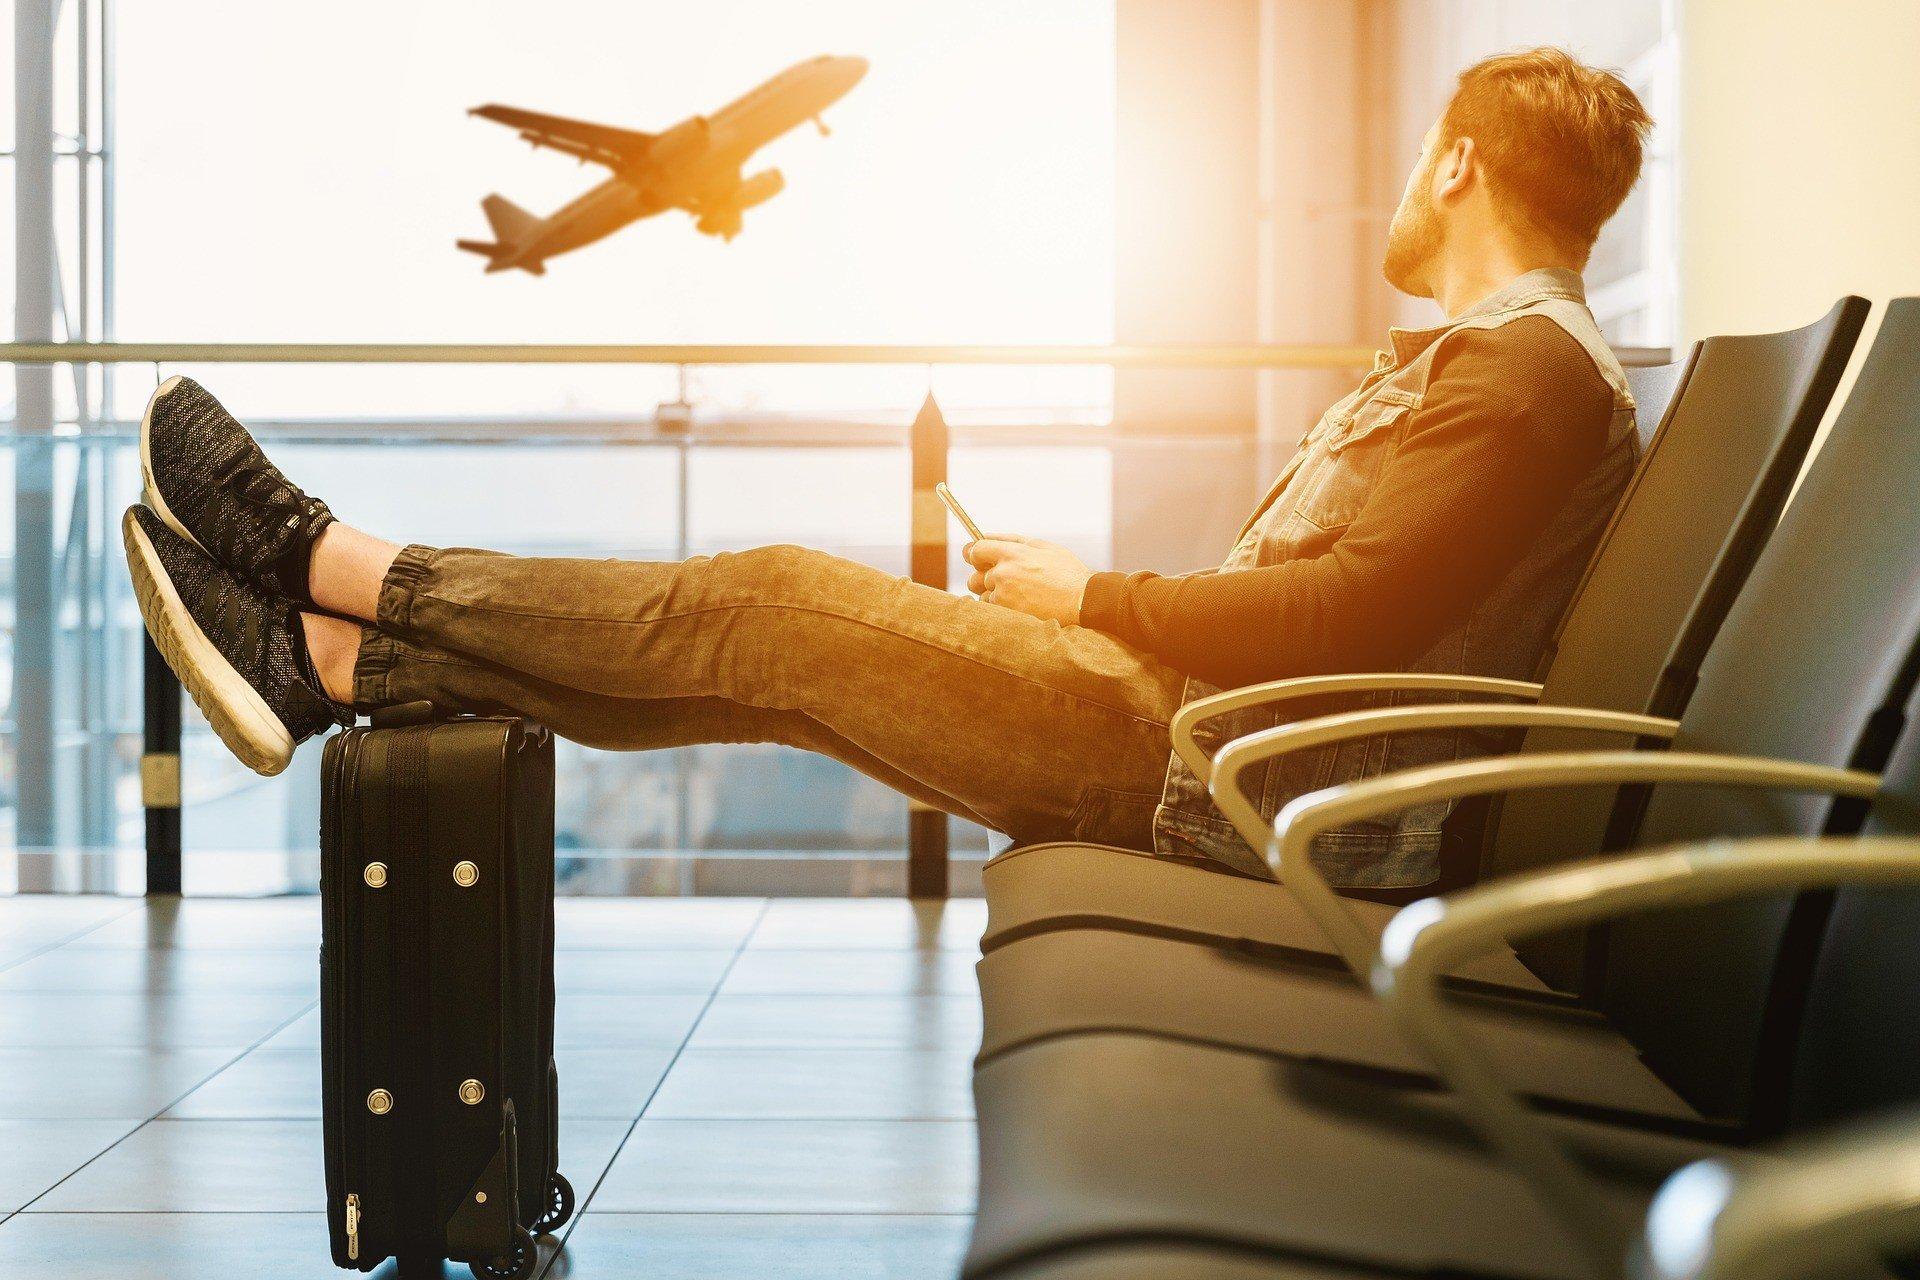 В аэропортах продлят ожидание перед вылетом